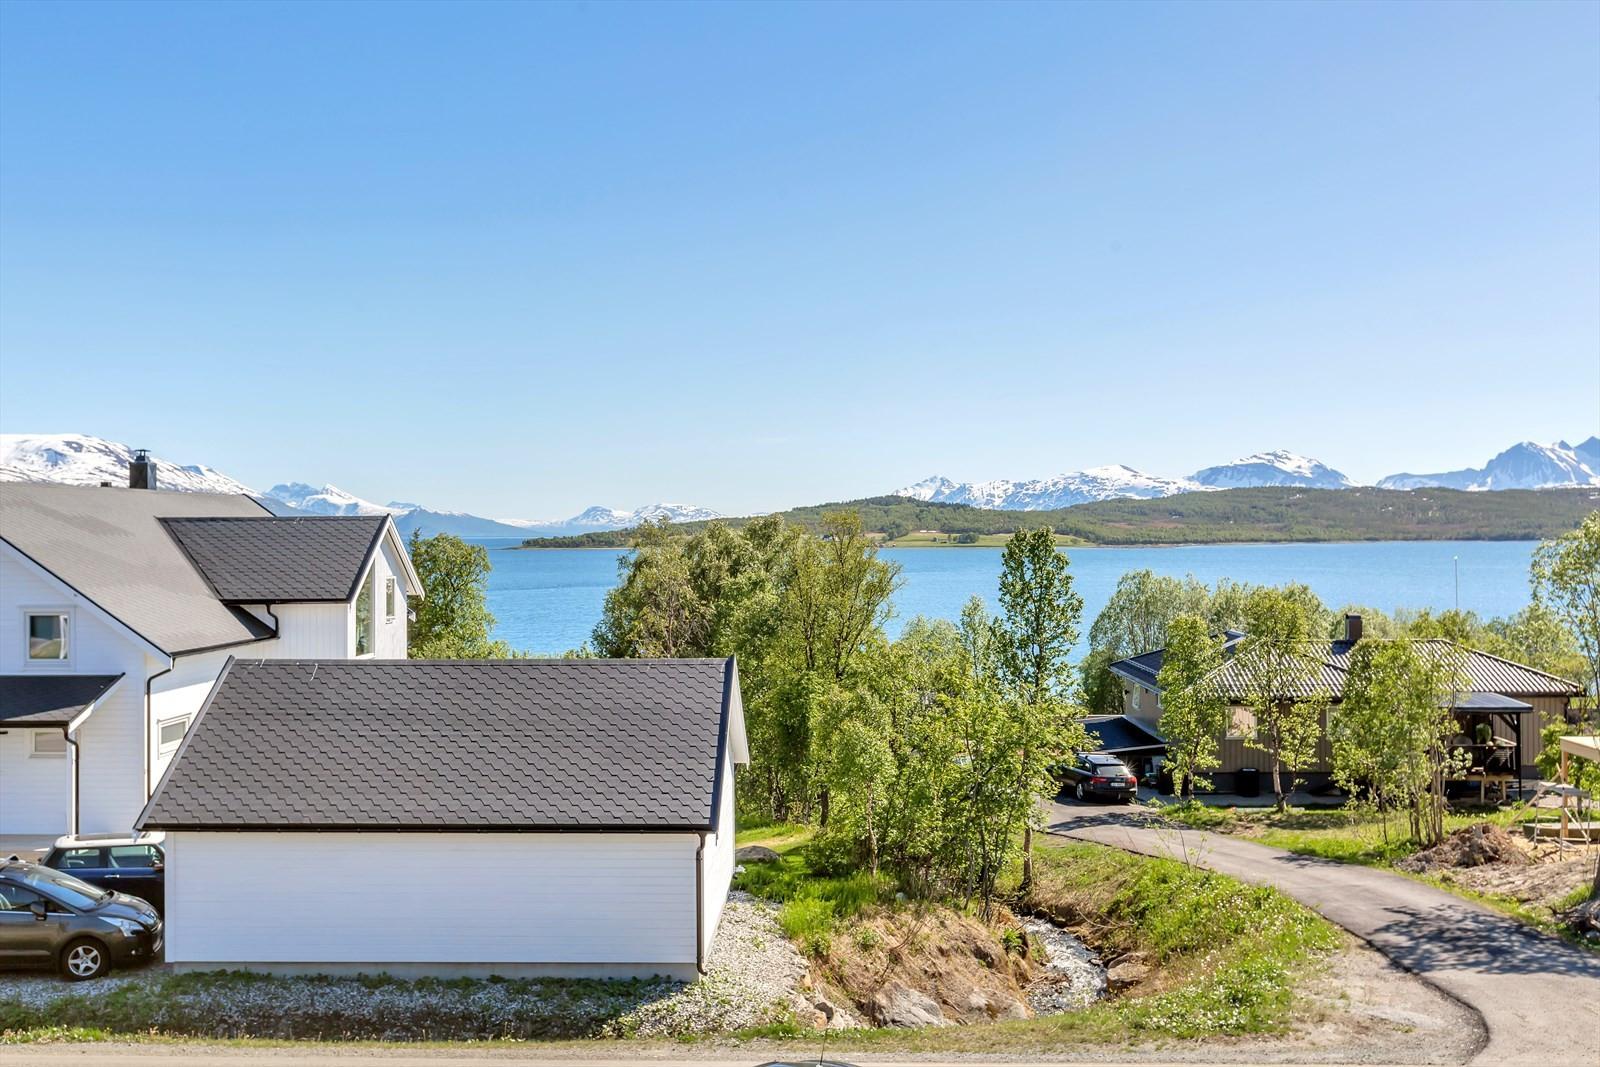 Nydelig utsikt mot Håkøya, Sandnessundet og fjellene på fastlandet og i Balsfjord